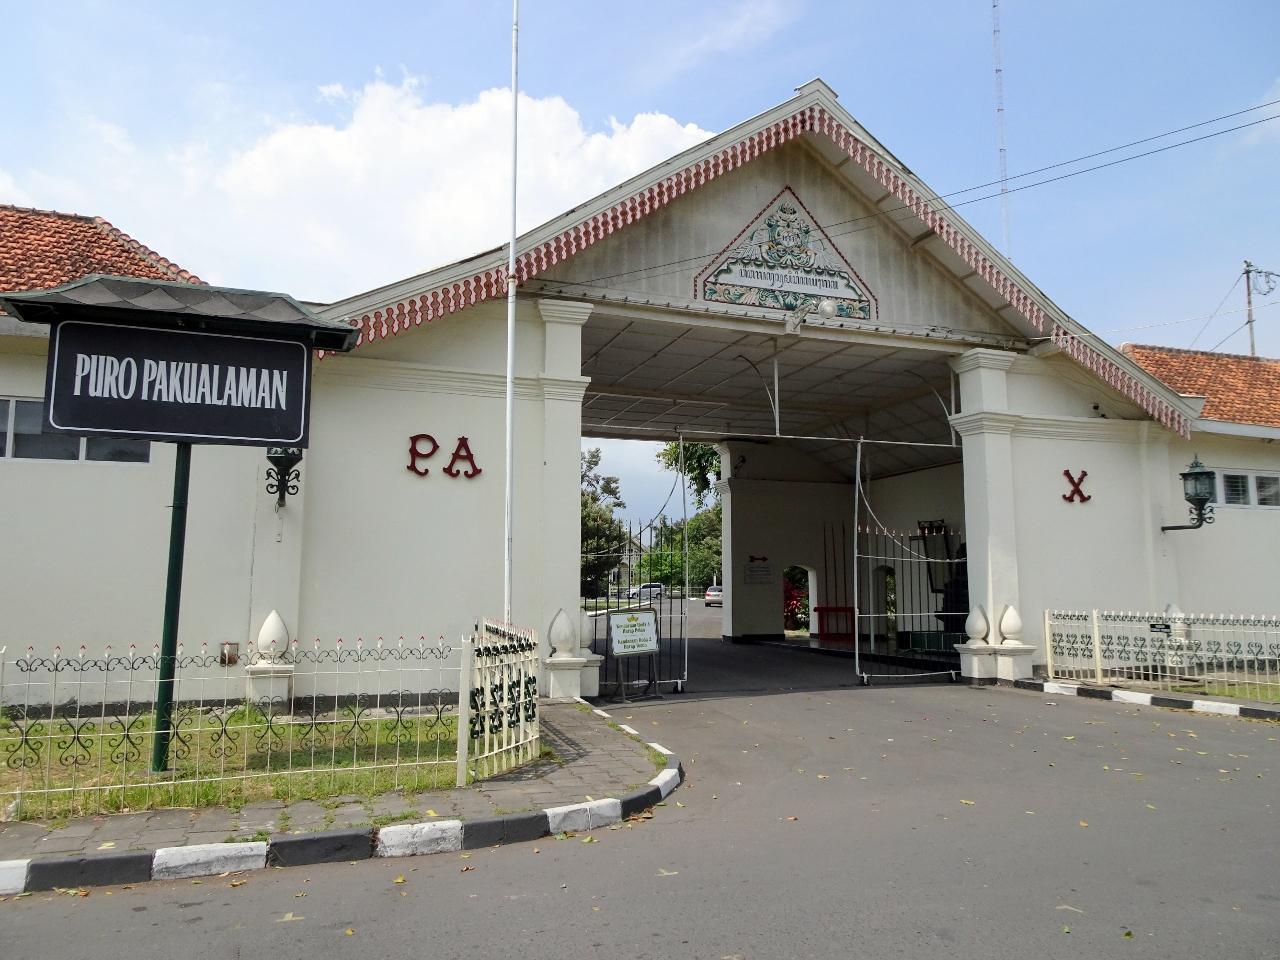 Kunjungan Singkat Puro Pakualaman Jogja Eat Travel Story Food Place